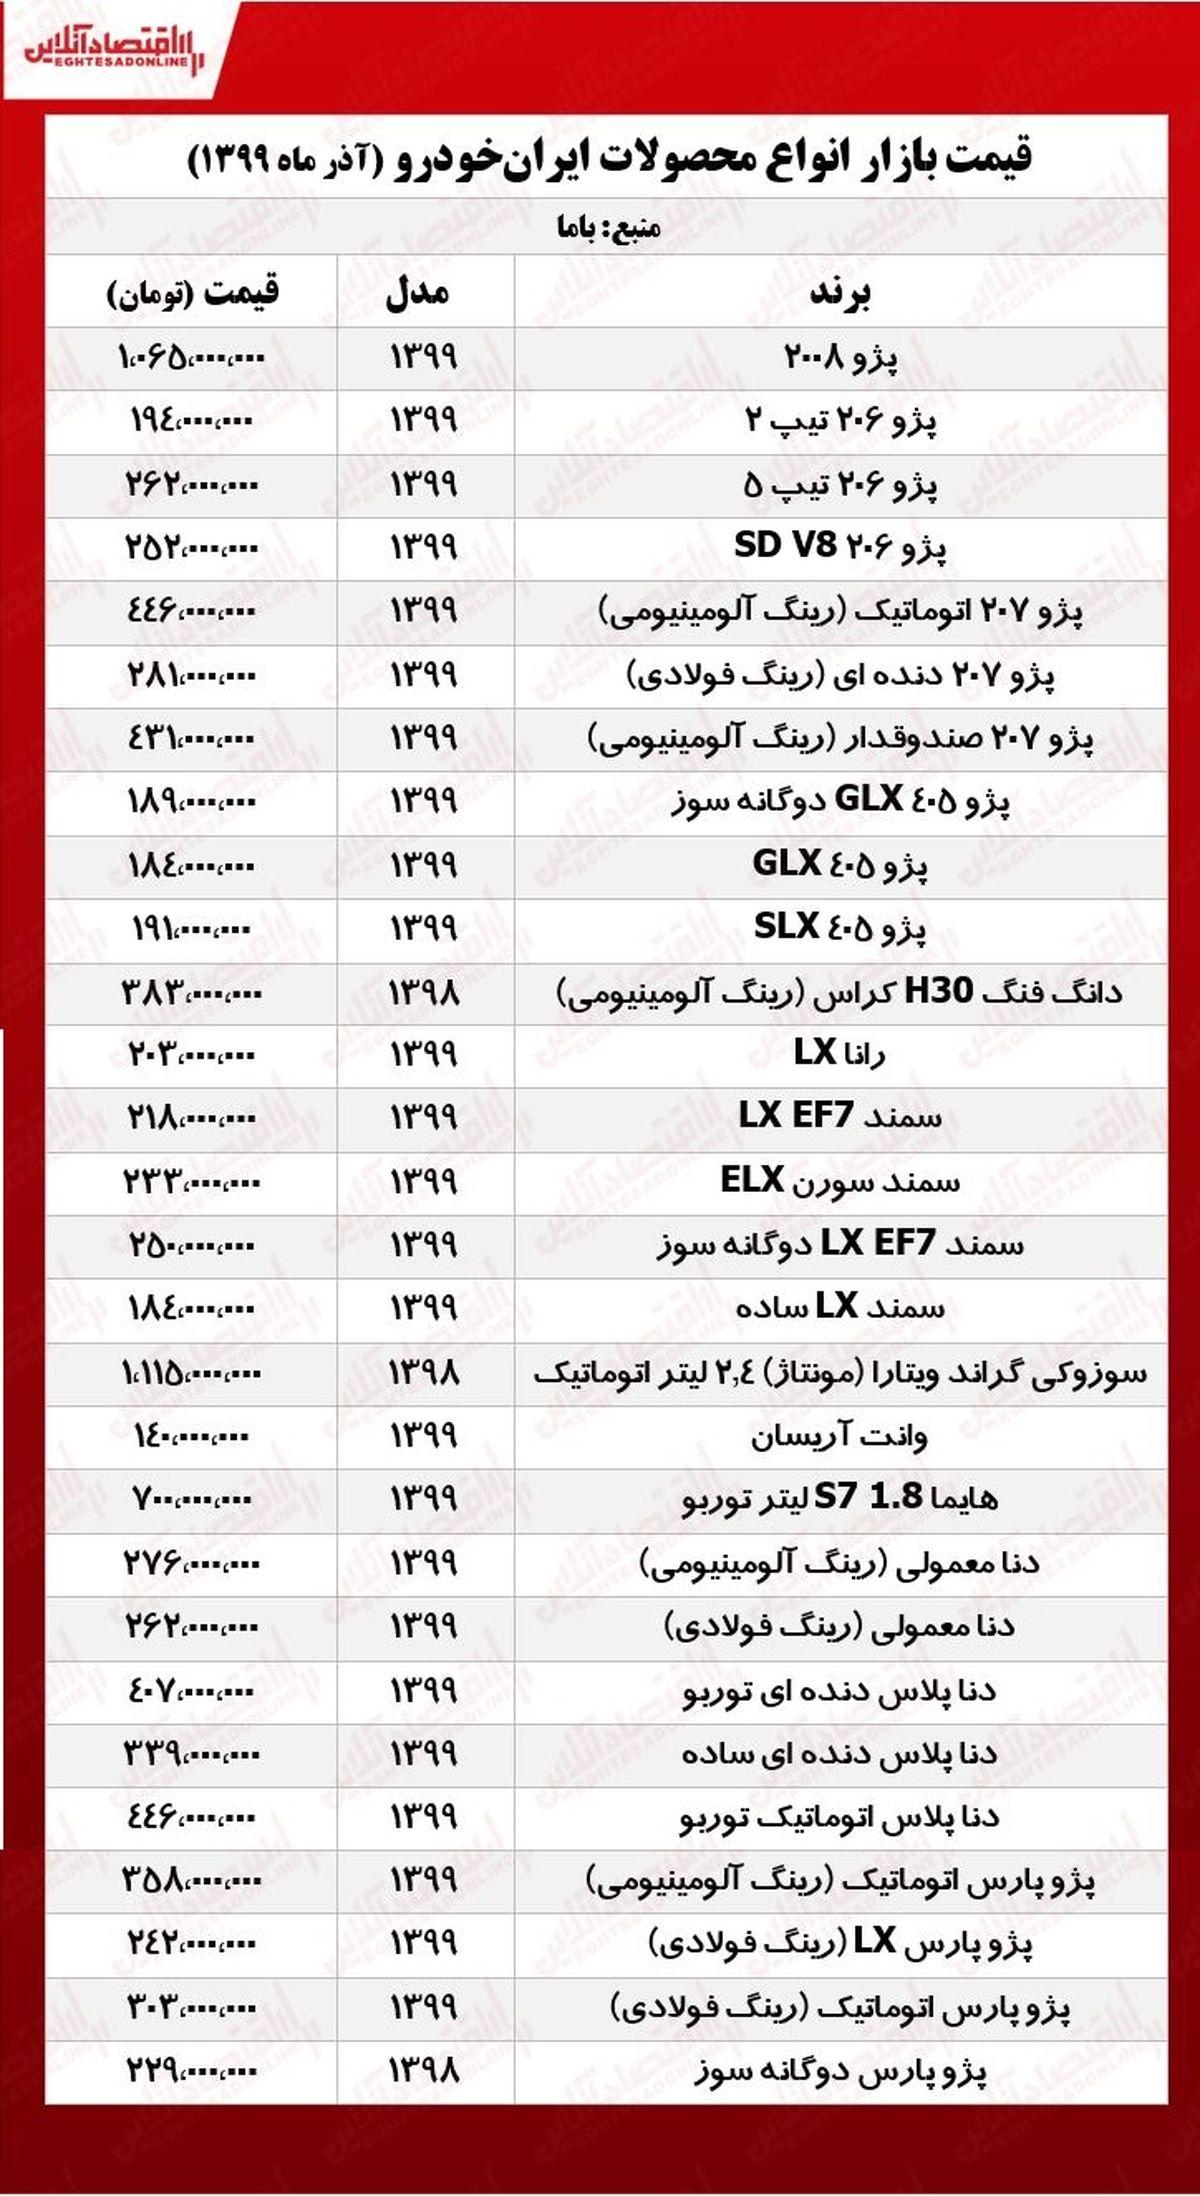 قیمت جدید محصولات ایرانخودرو امروز ۹۹/۹/۴